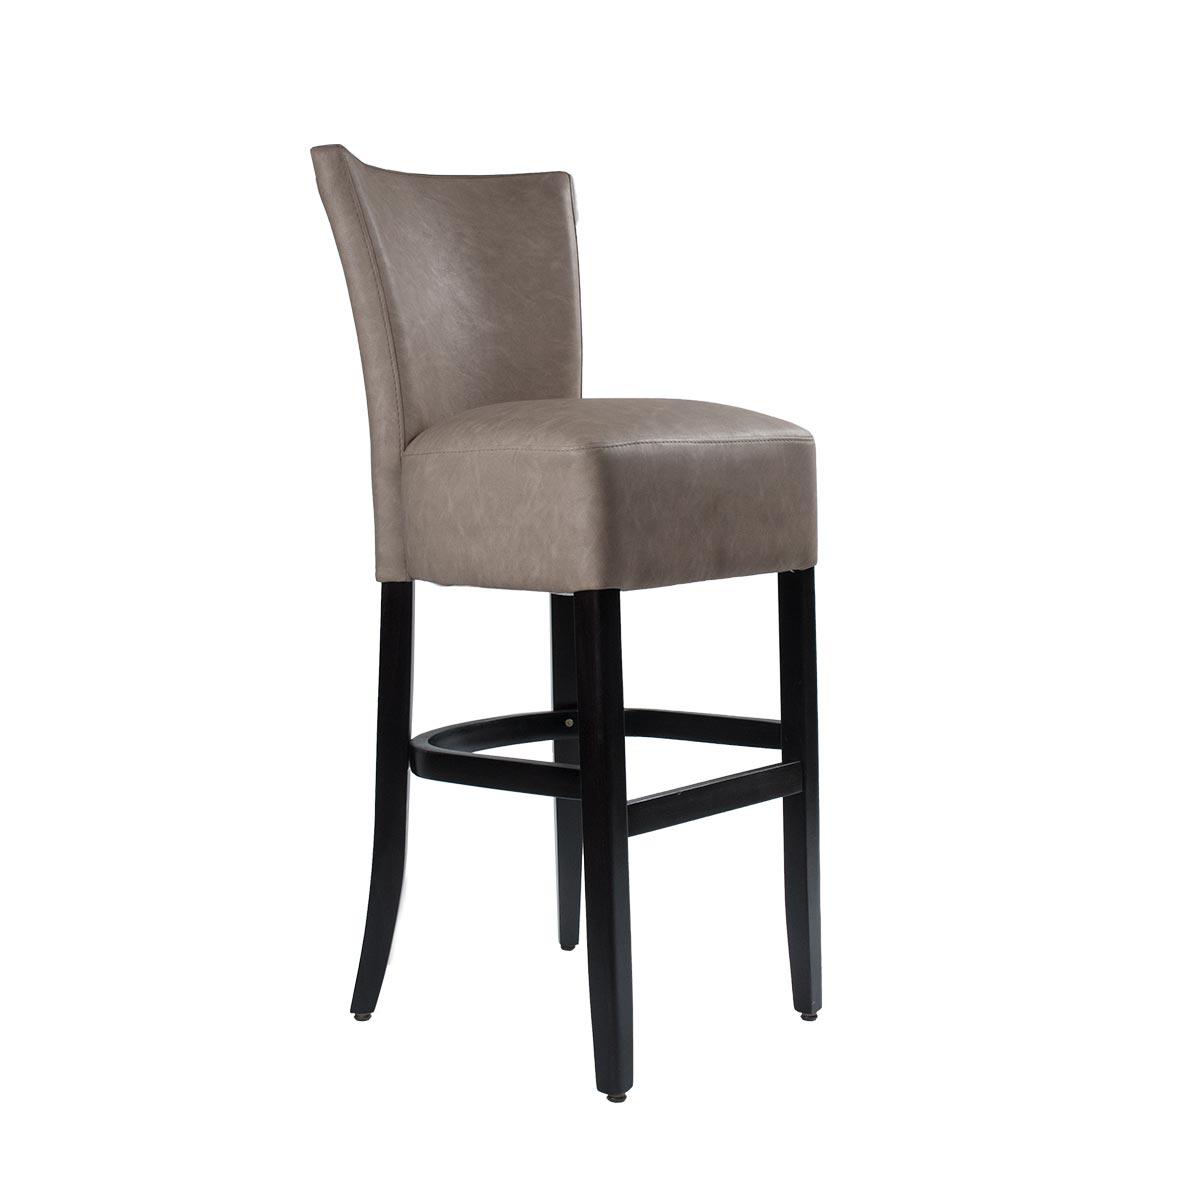 Edith Bar - Barska stolica Detal